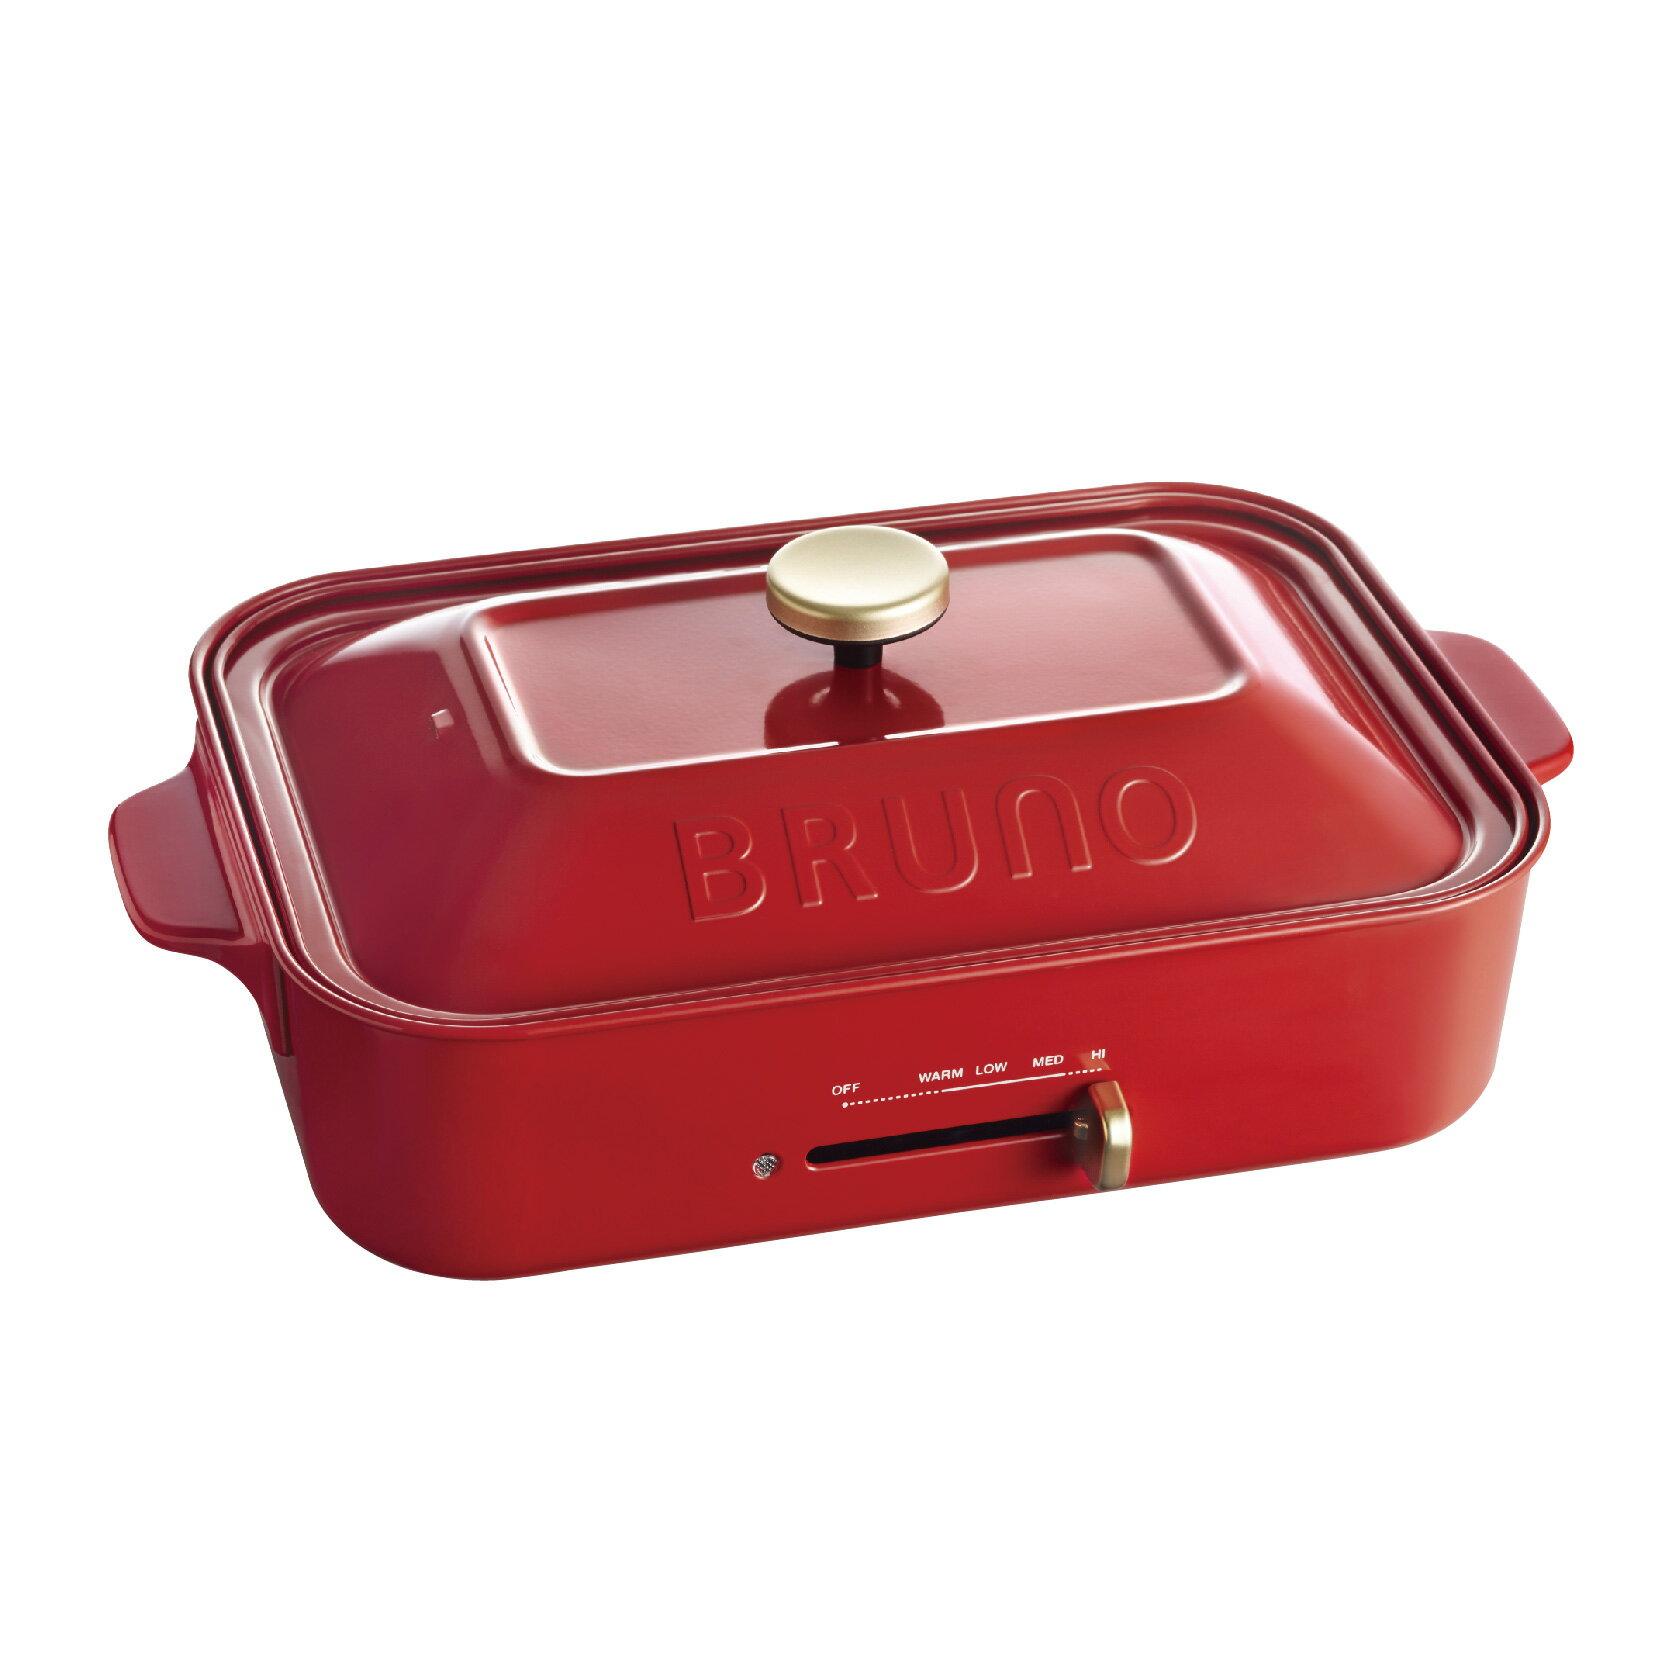 【日本BRUNO】多功能鑄鐵電烤盤(經典紅)+料理深鍋 2